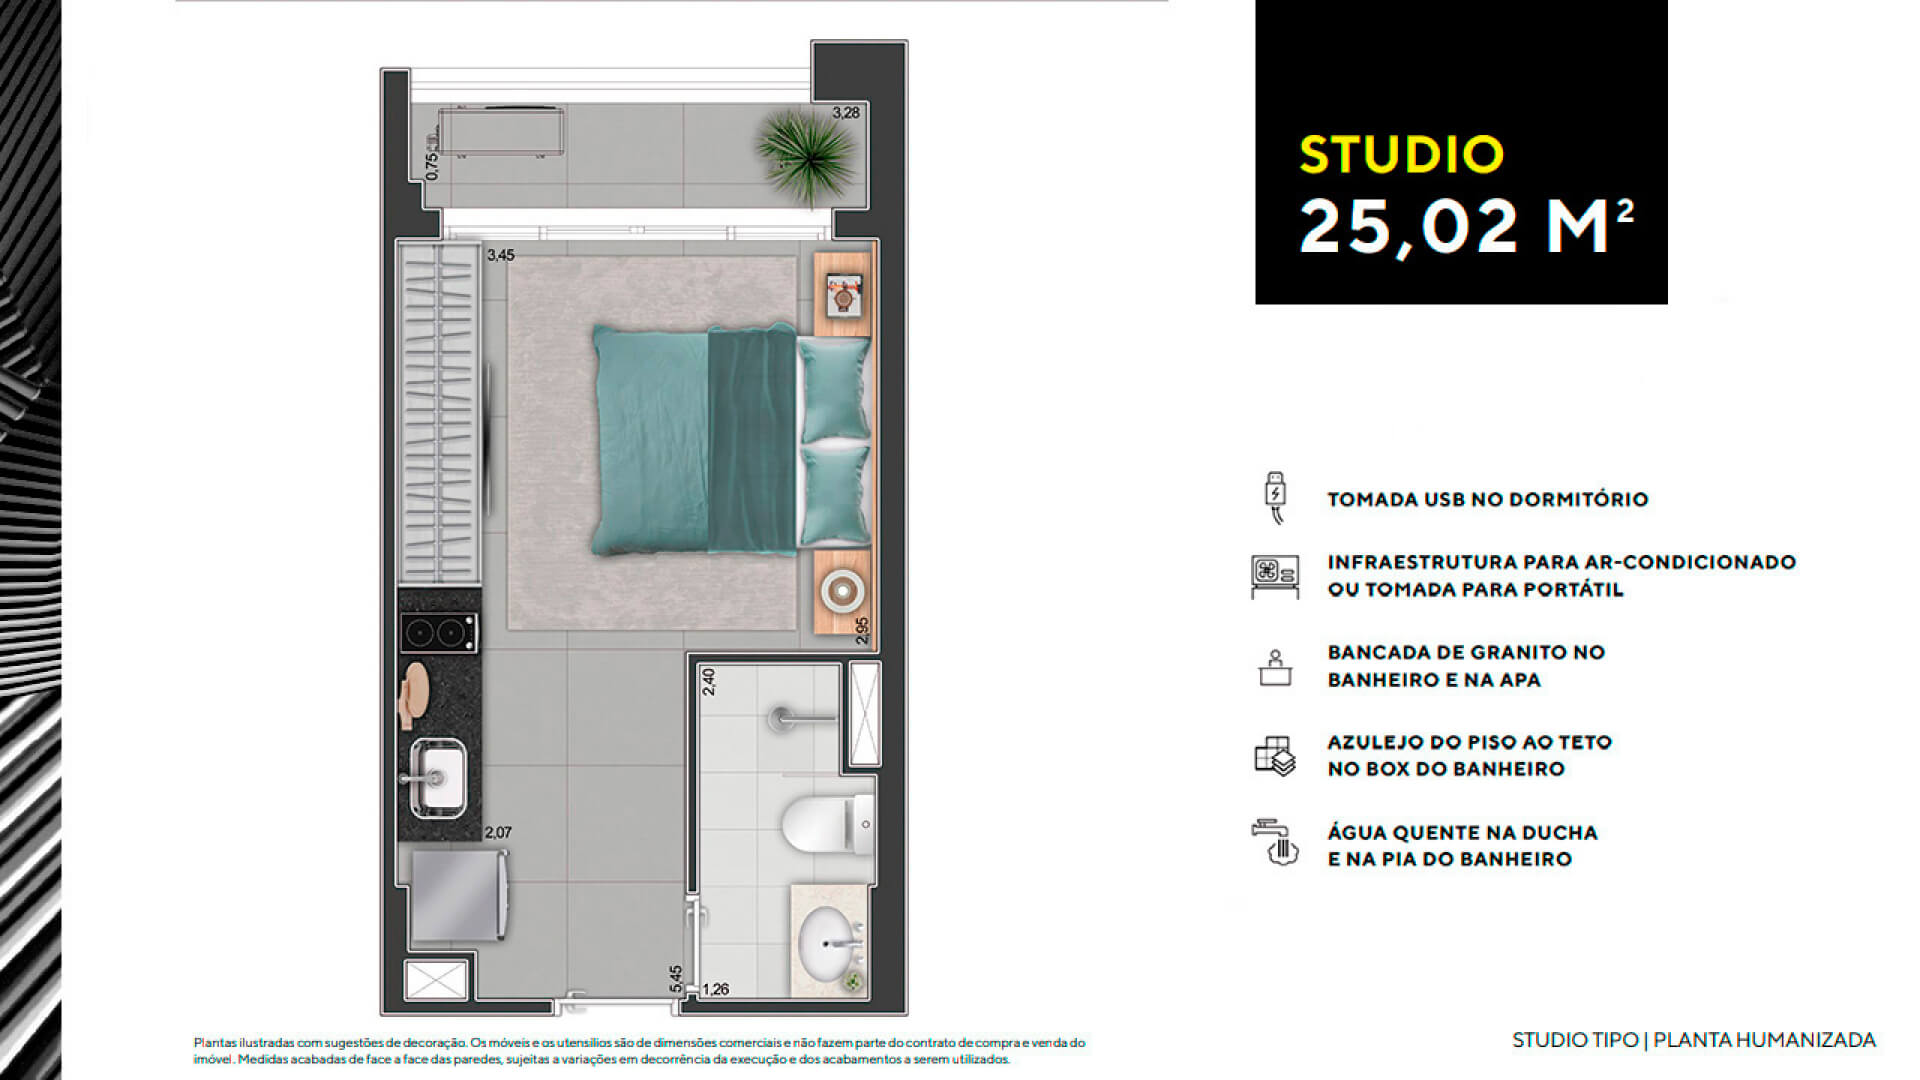 25 M² - STUDIO.